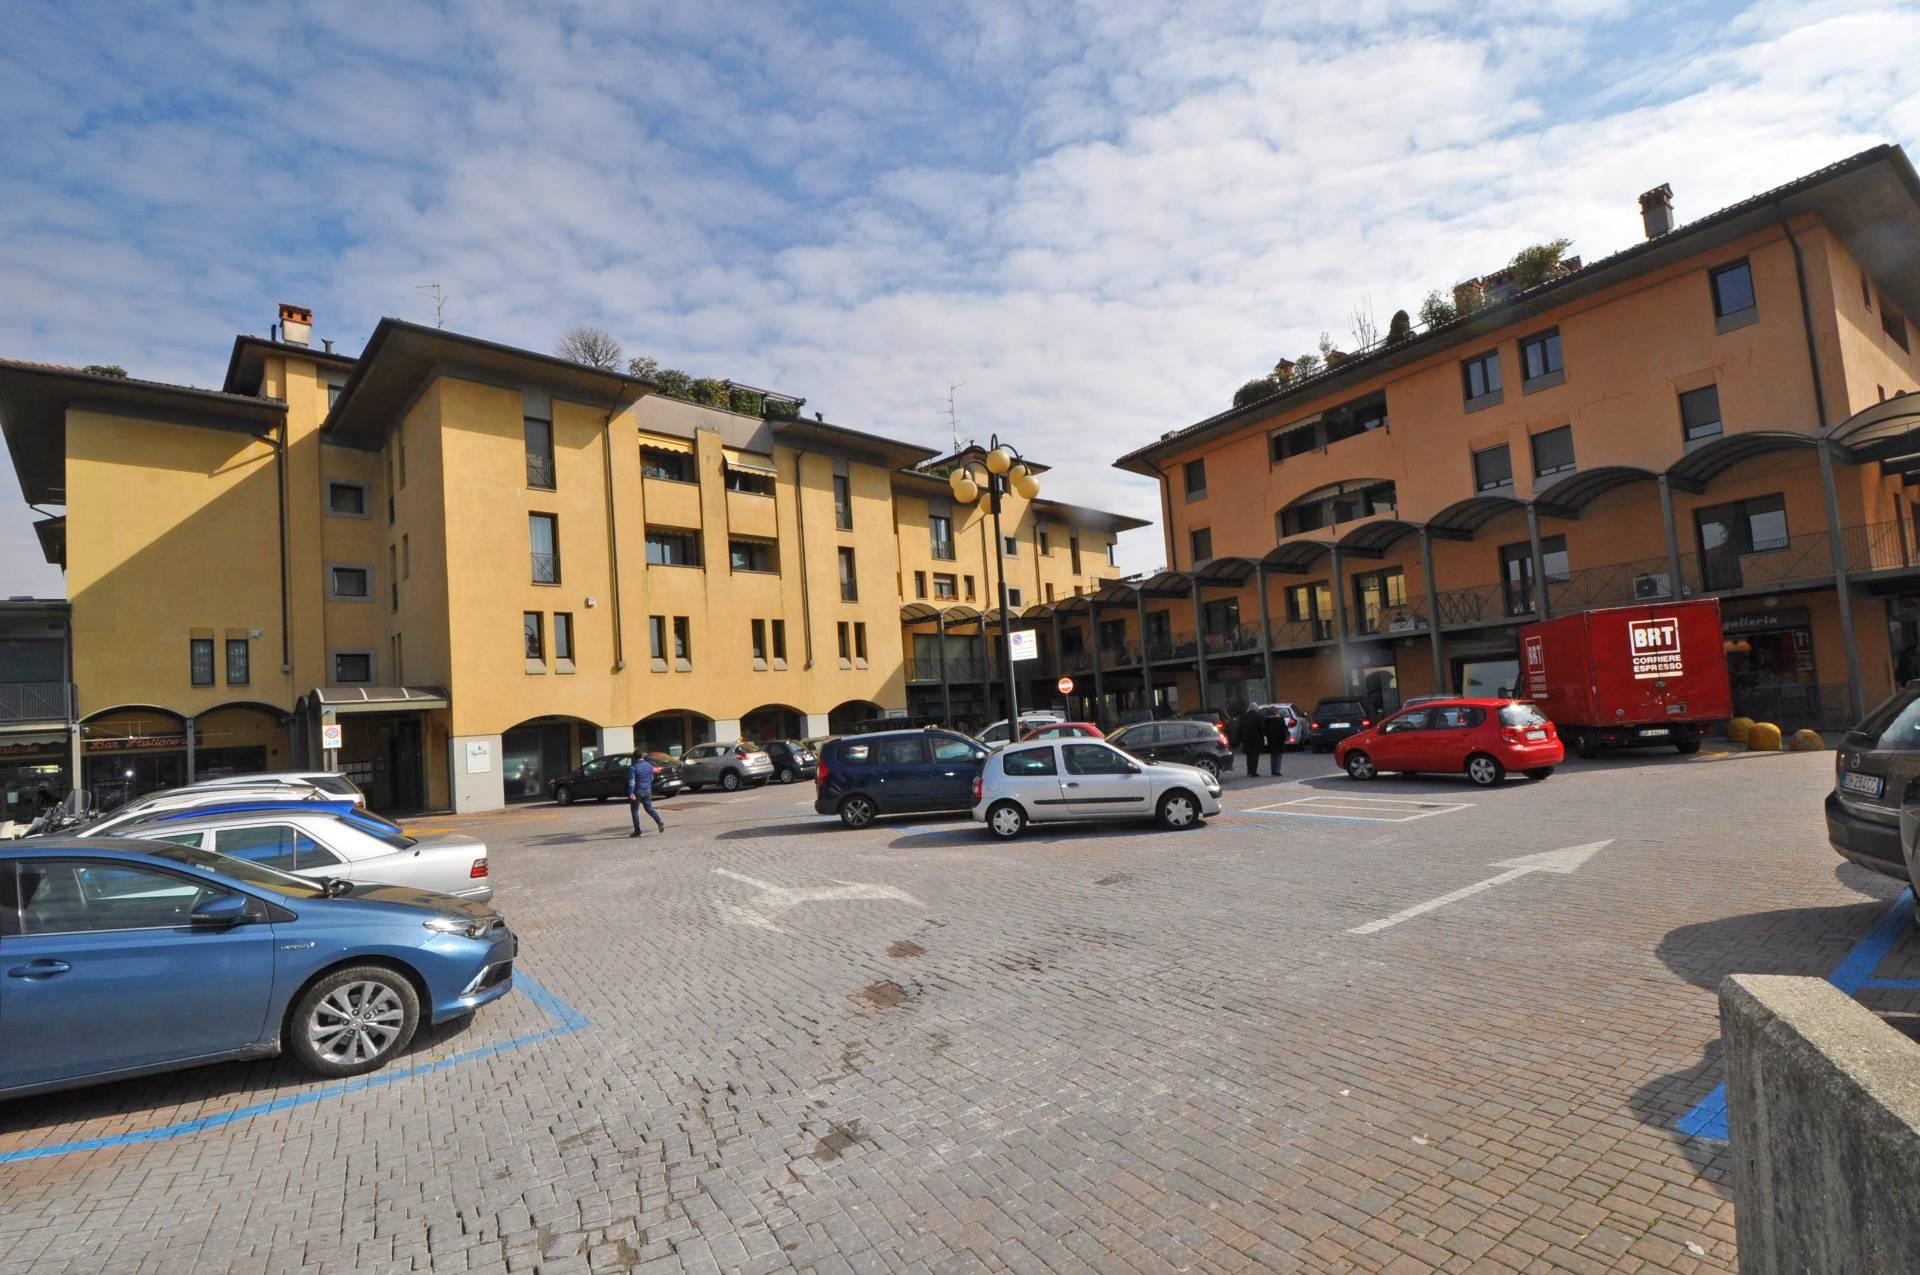 Negozio / Locale in vendita a Seriate, 9999 locali, prezzo € 100.000 | Cambio Casa.it